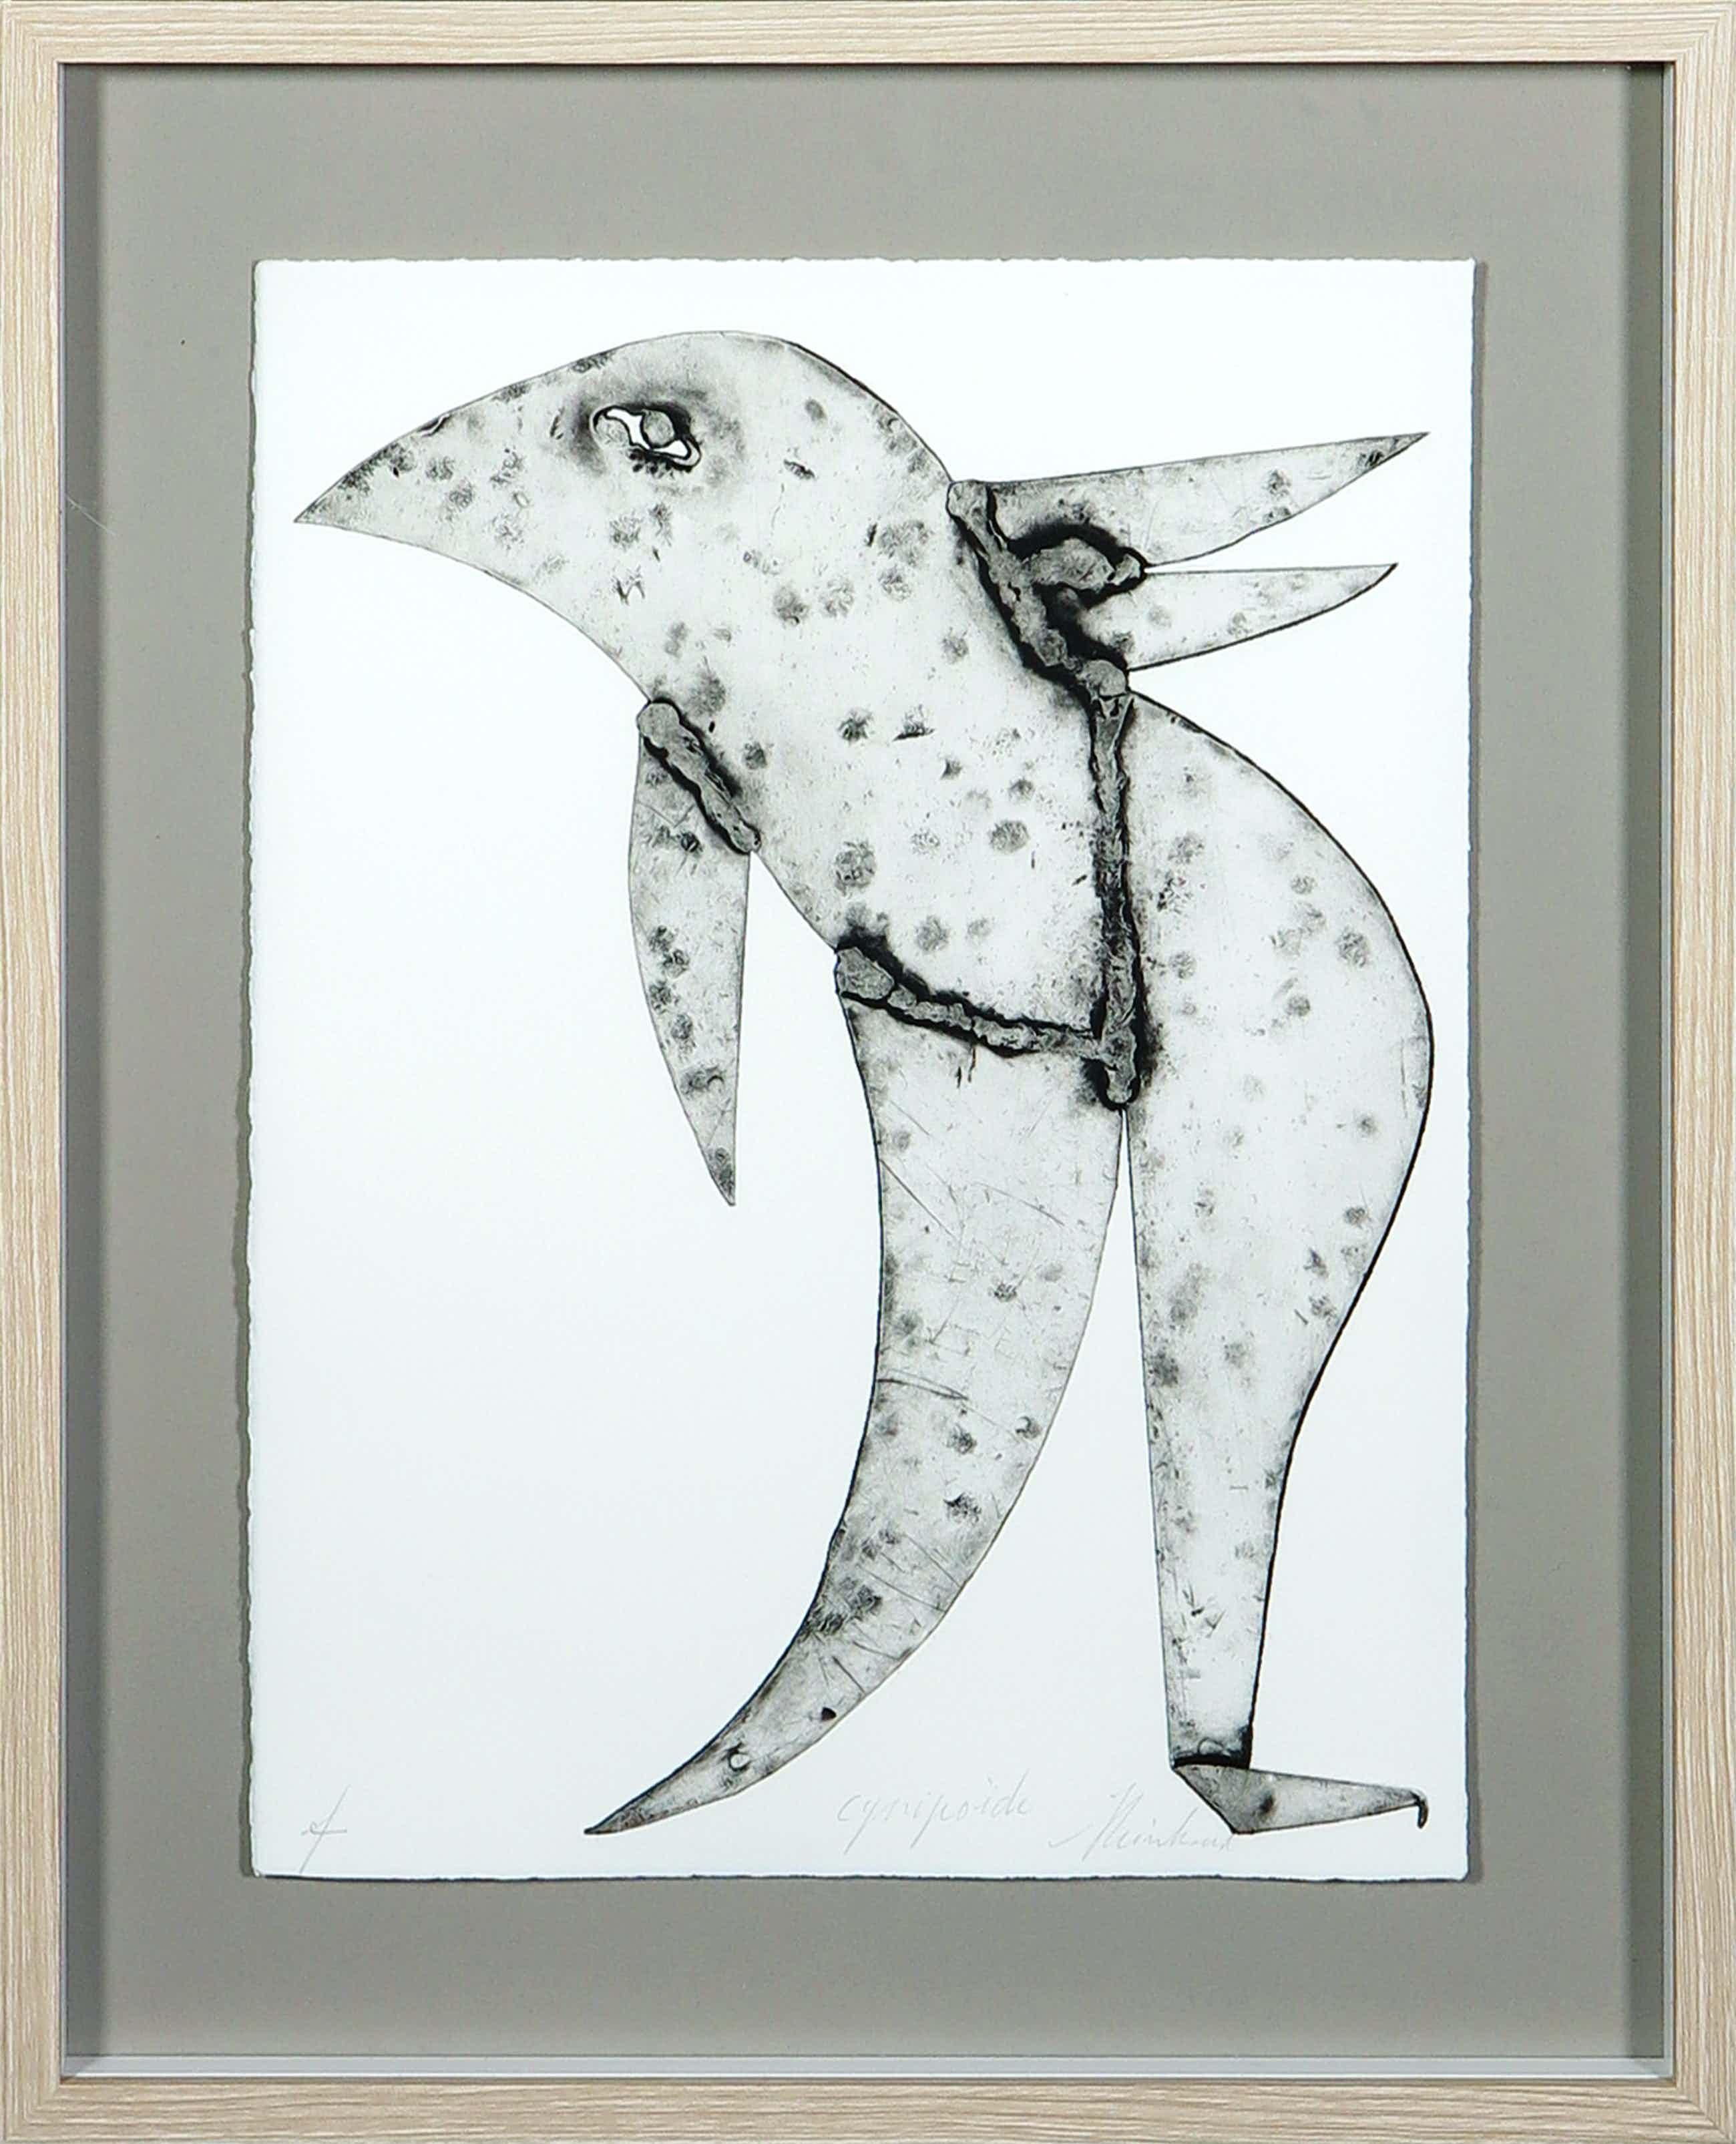 Reinhoud D'Haese - Aquatint metaaldruk met een figuur - Ingelijst kopen? Bied vanaf 120!